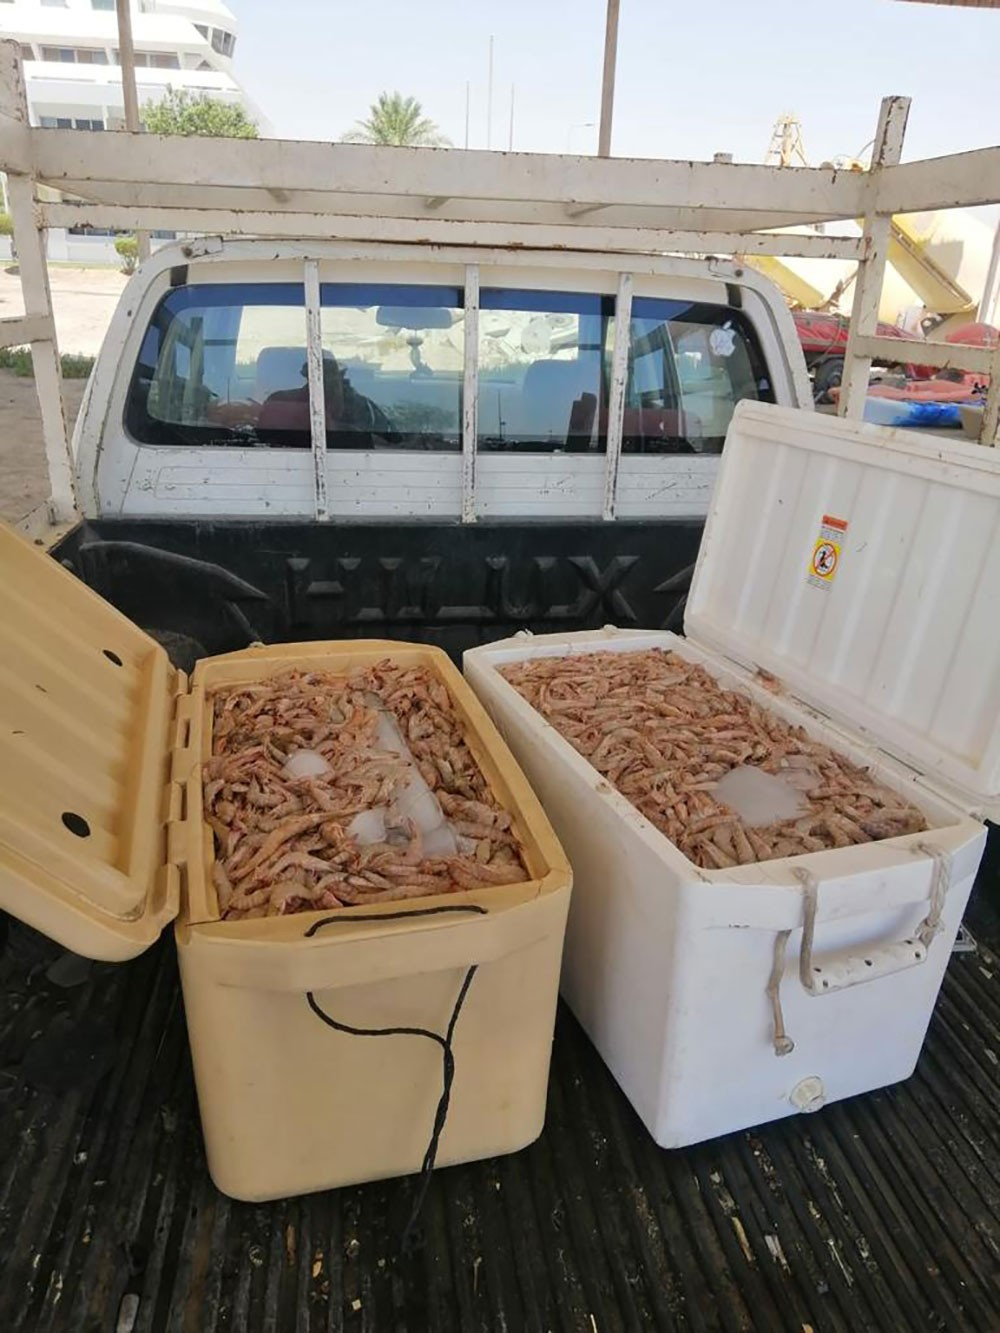 خفر السواحل: القبض على شخص قام بحيازة الروبيان الطازج وتداوله في وقت الحظر